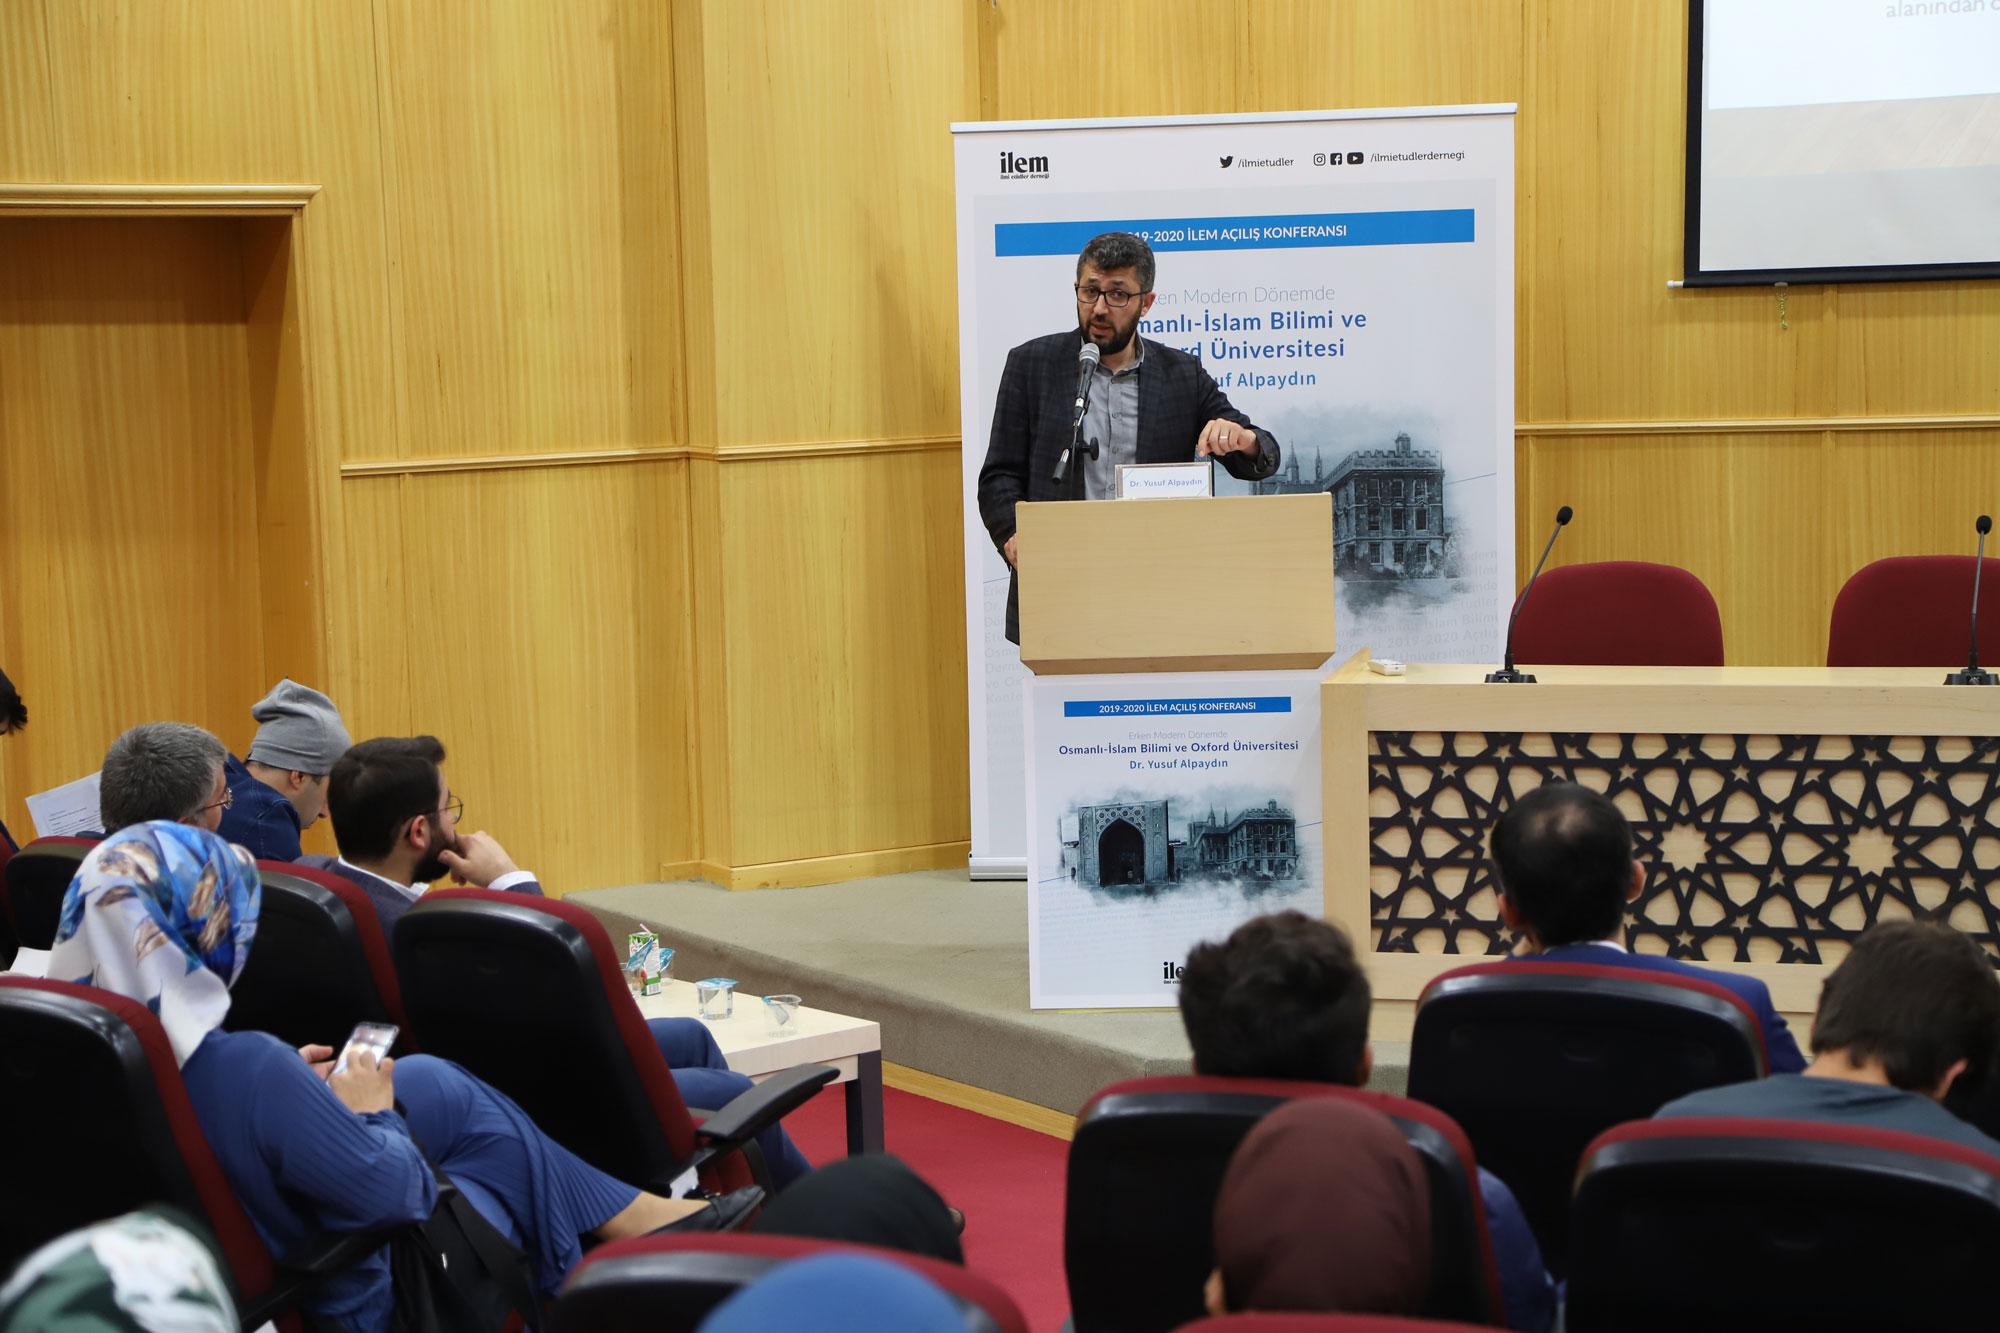 İLEM 2019-2020 Açılış Konferansı Gerçekleştirildi